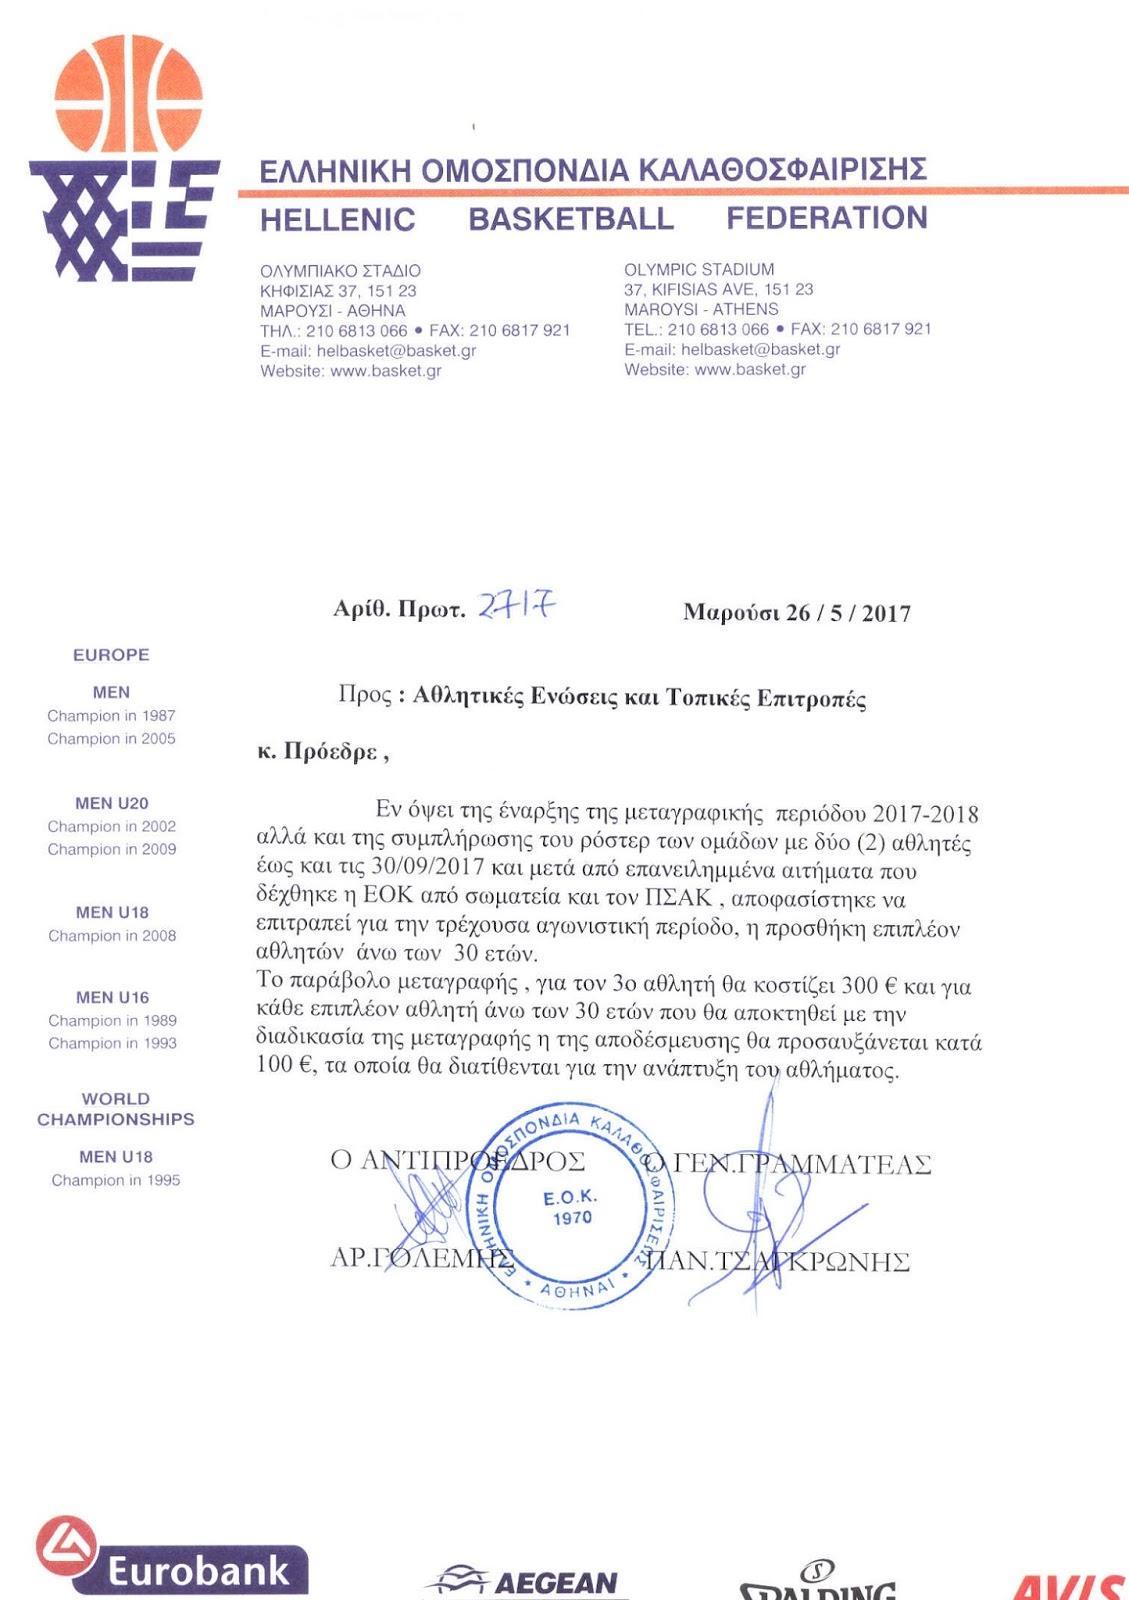 Το νέο μετεγγραφικό πλαίσιο των 30άρηδων από την ΕΟΚ